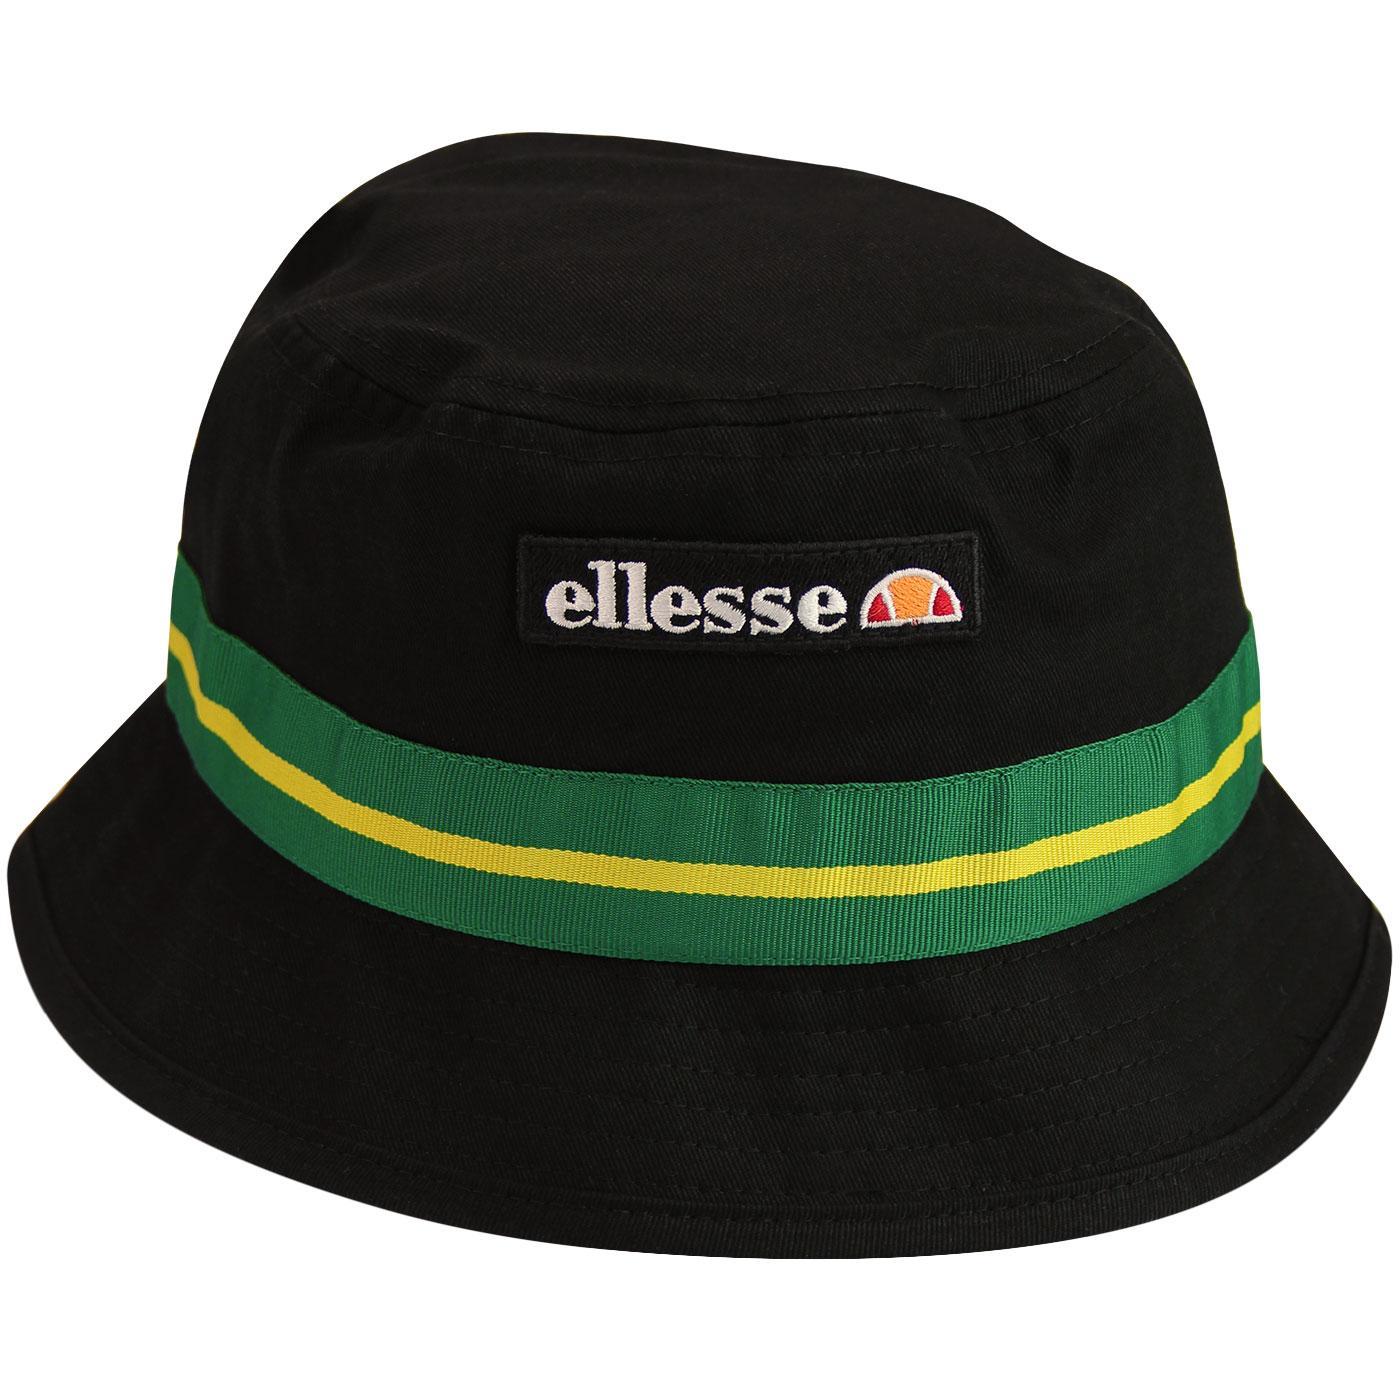 Marlo ELLESSE Retro 90s Indie Bucket Hat (Black)